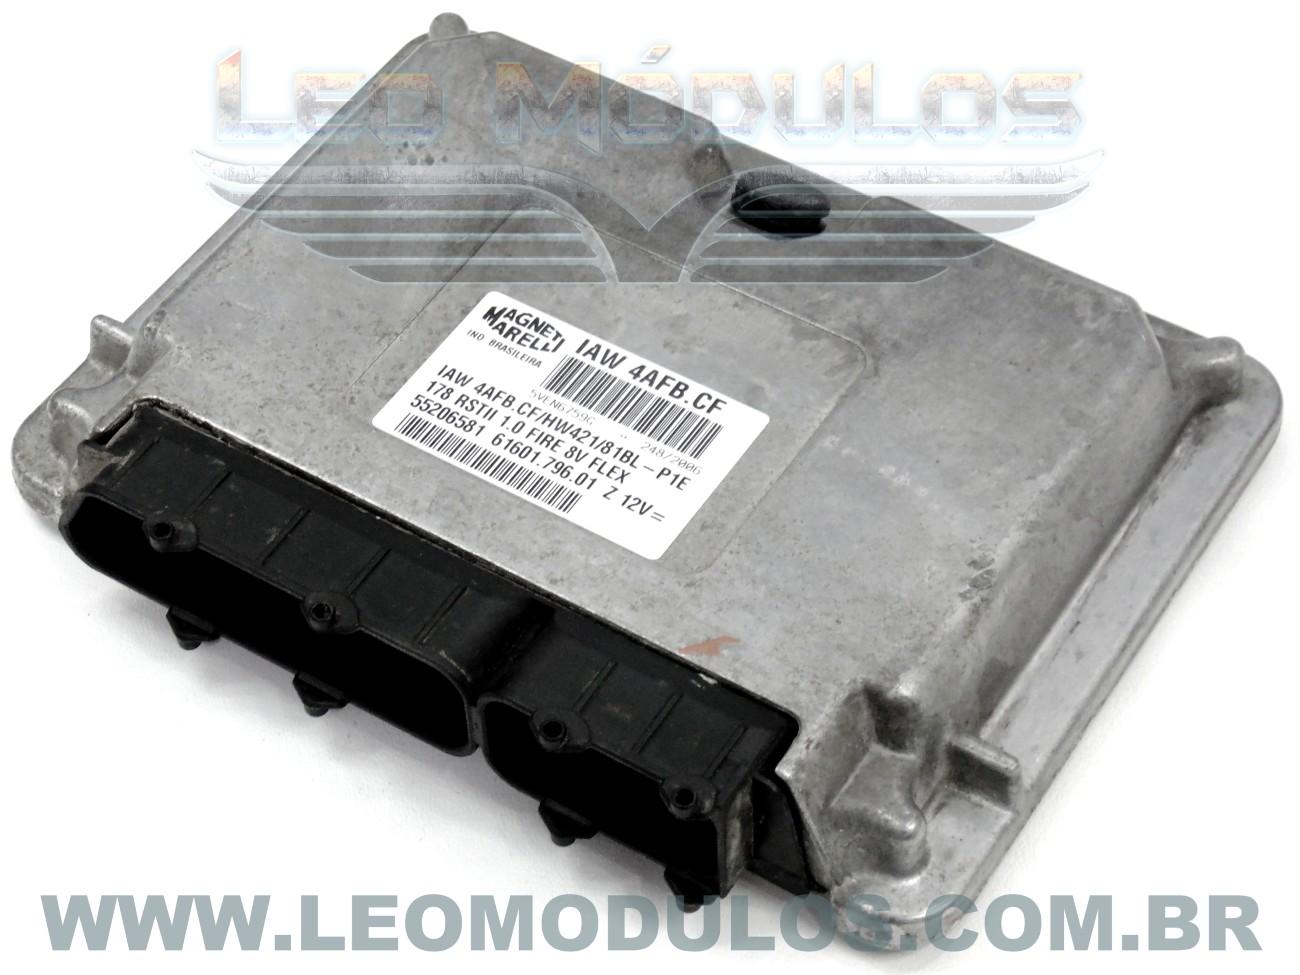 Módulo de injeção marelli - IAW 4AFB.CF - 55206581 - Fiat Palio Siena 1.0 8V Flex - 61601.796.01 IAW 4AFBCF - Leo Módulos